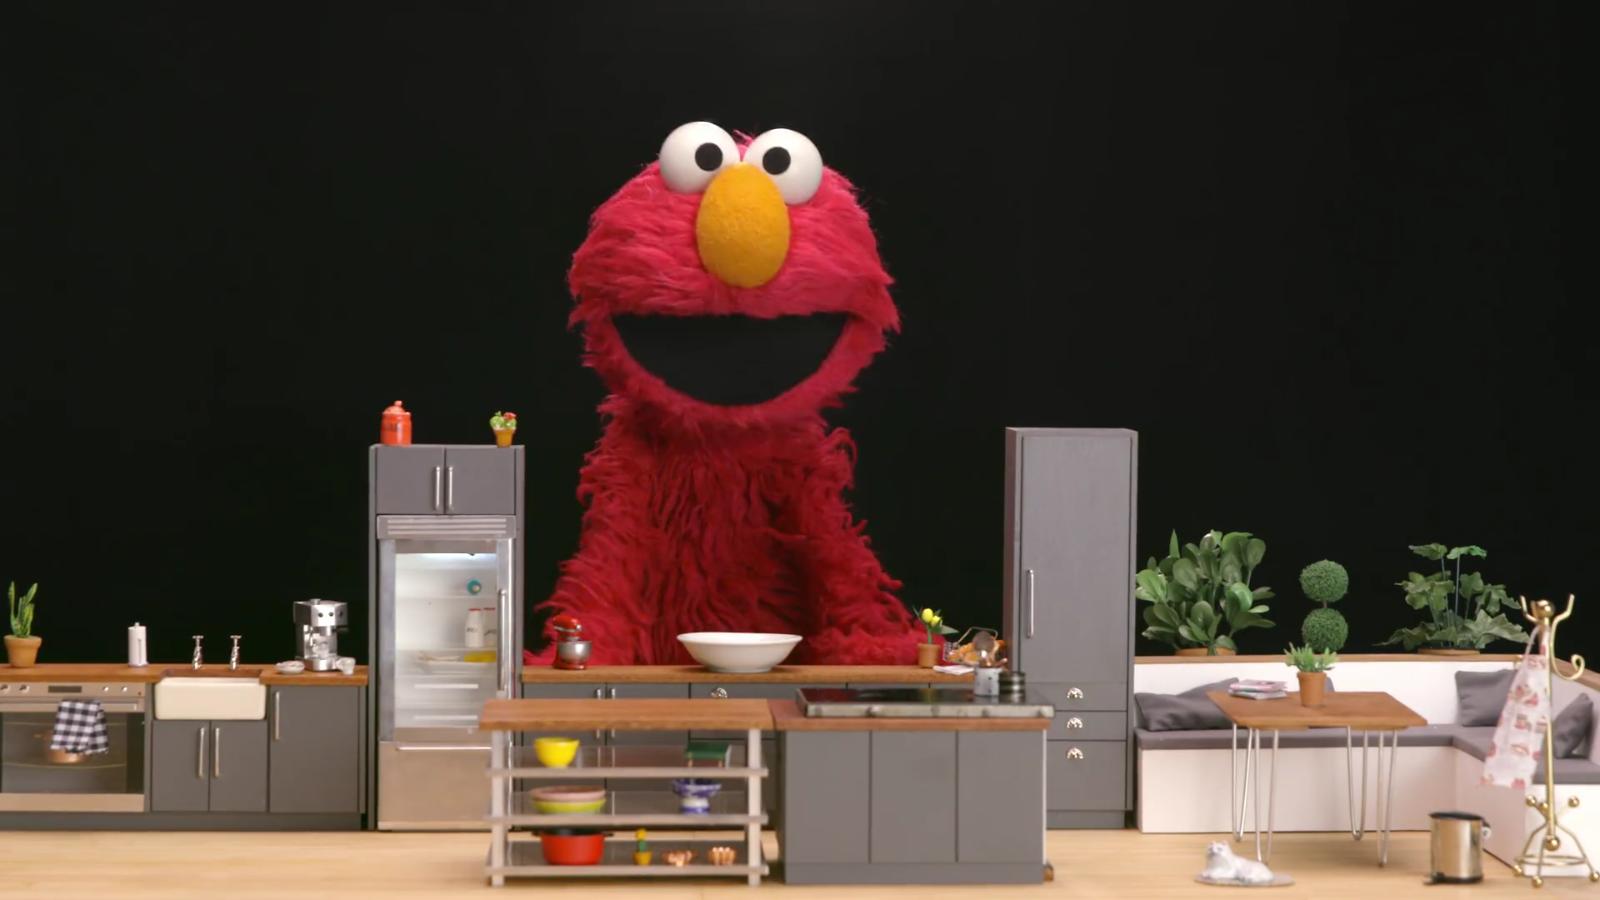 Tiny Kitchen Muppet Wiki Fandom Powered By Wikia